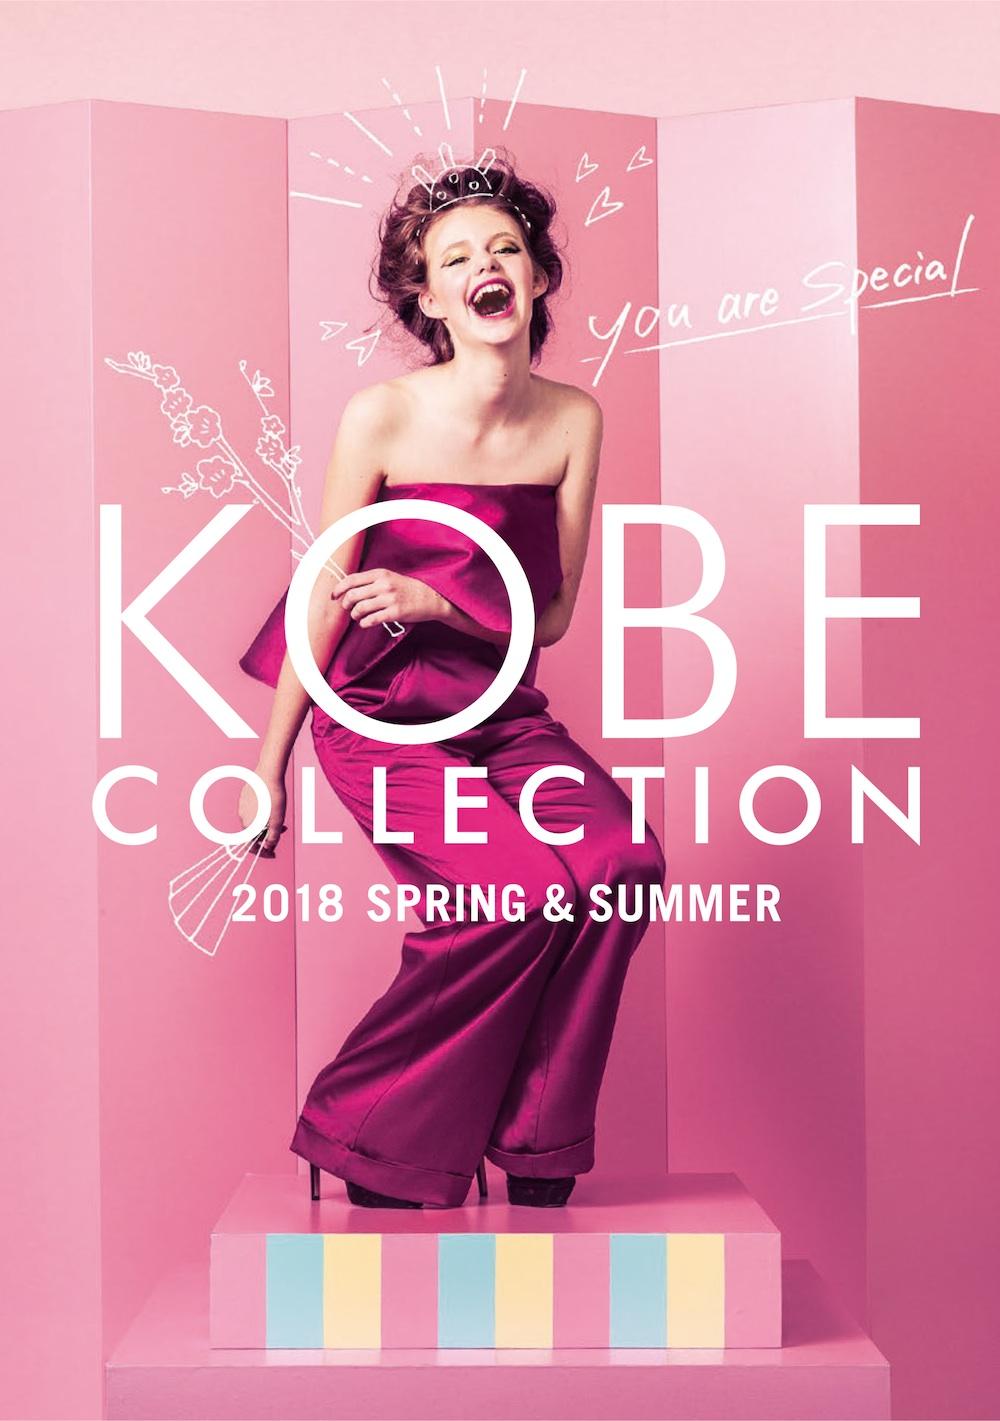 神戸コレクション 2018 SPRING/SUMMER メインヴィジュアル